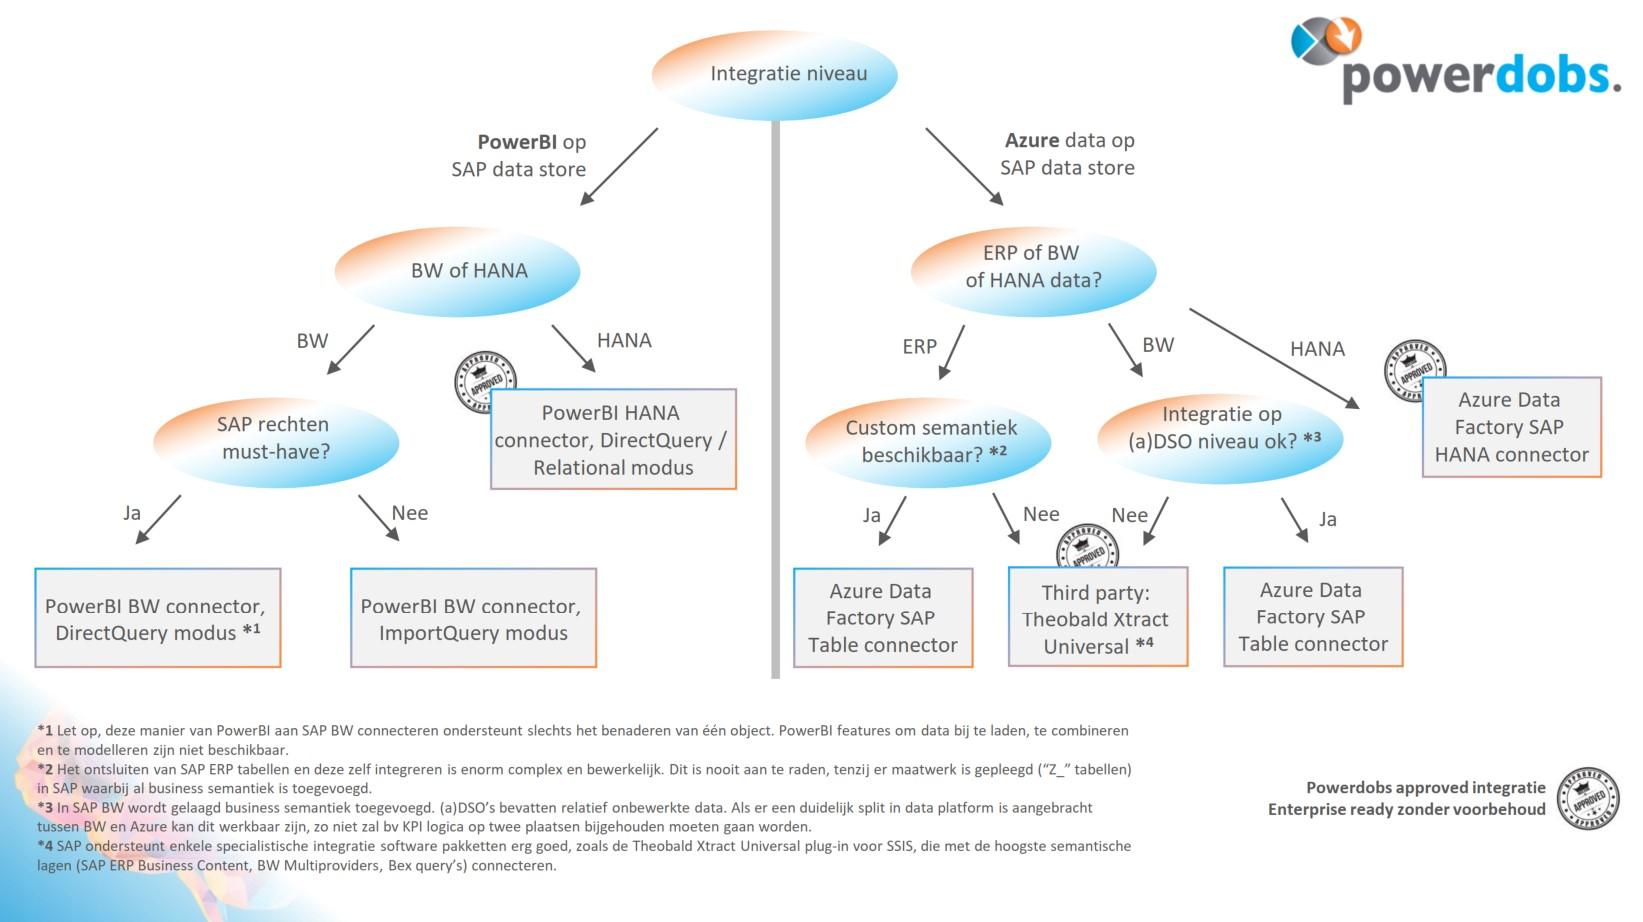 Beslisboom SAP - Azure en Power BI integratie